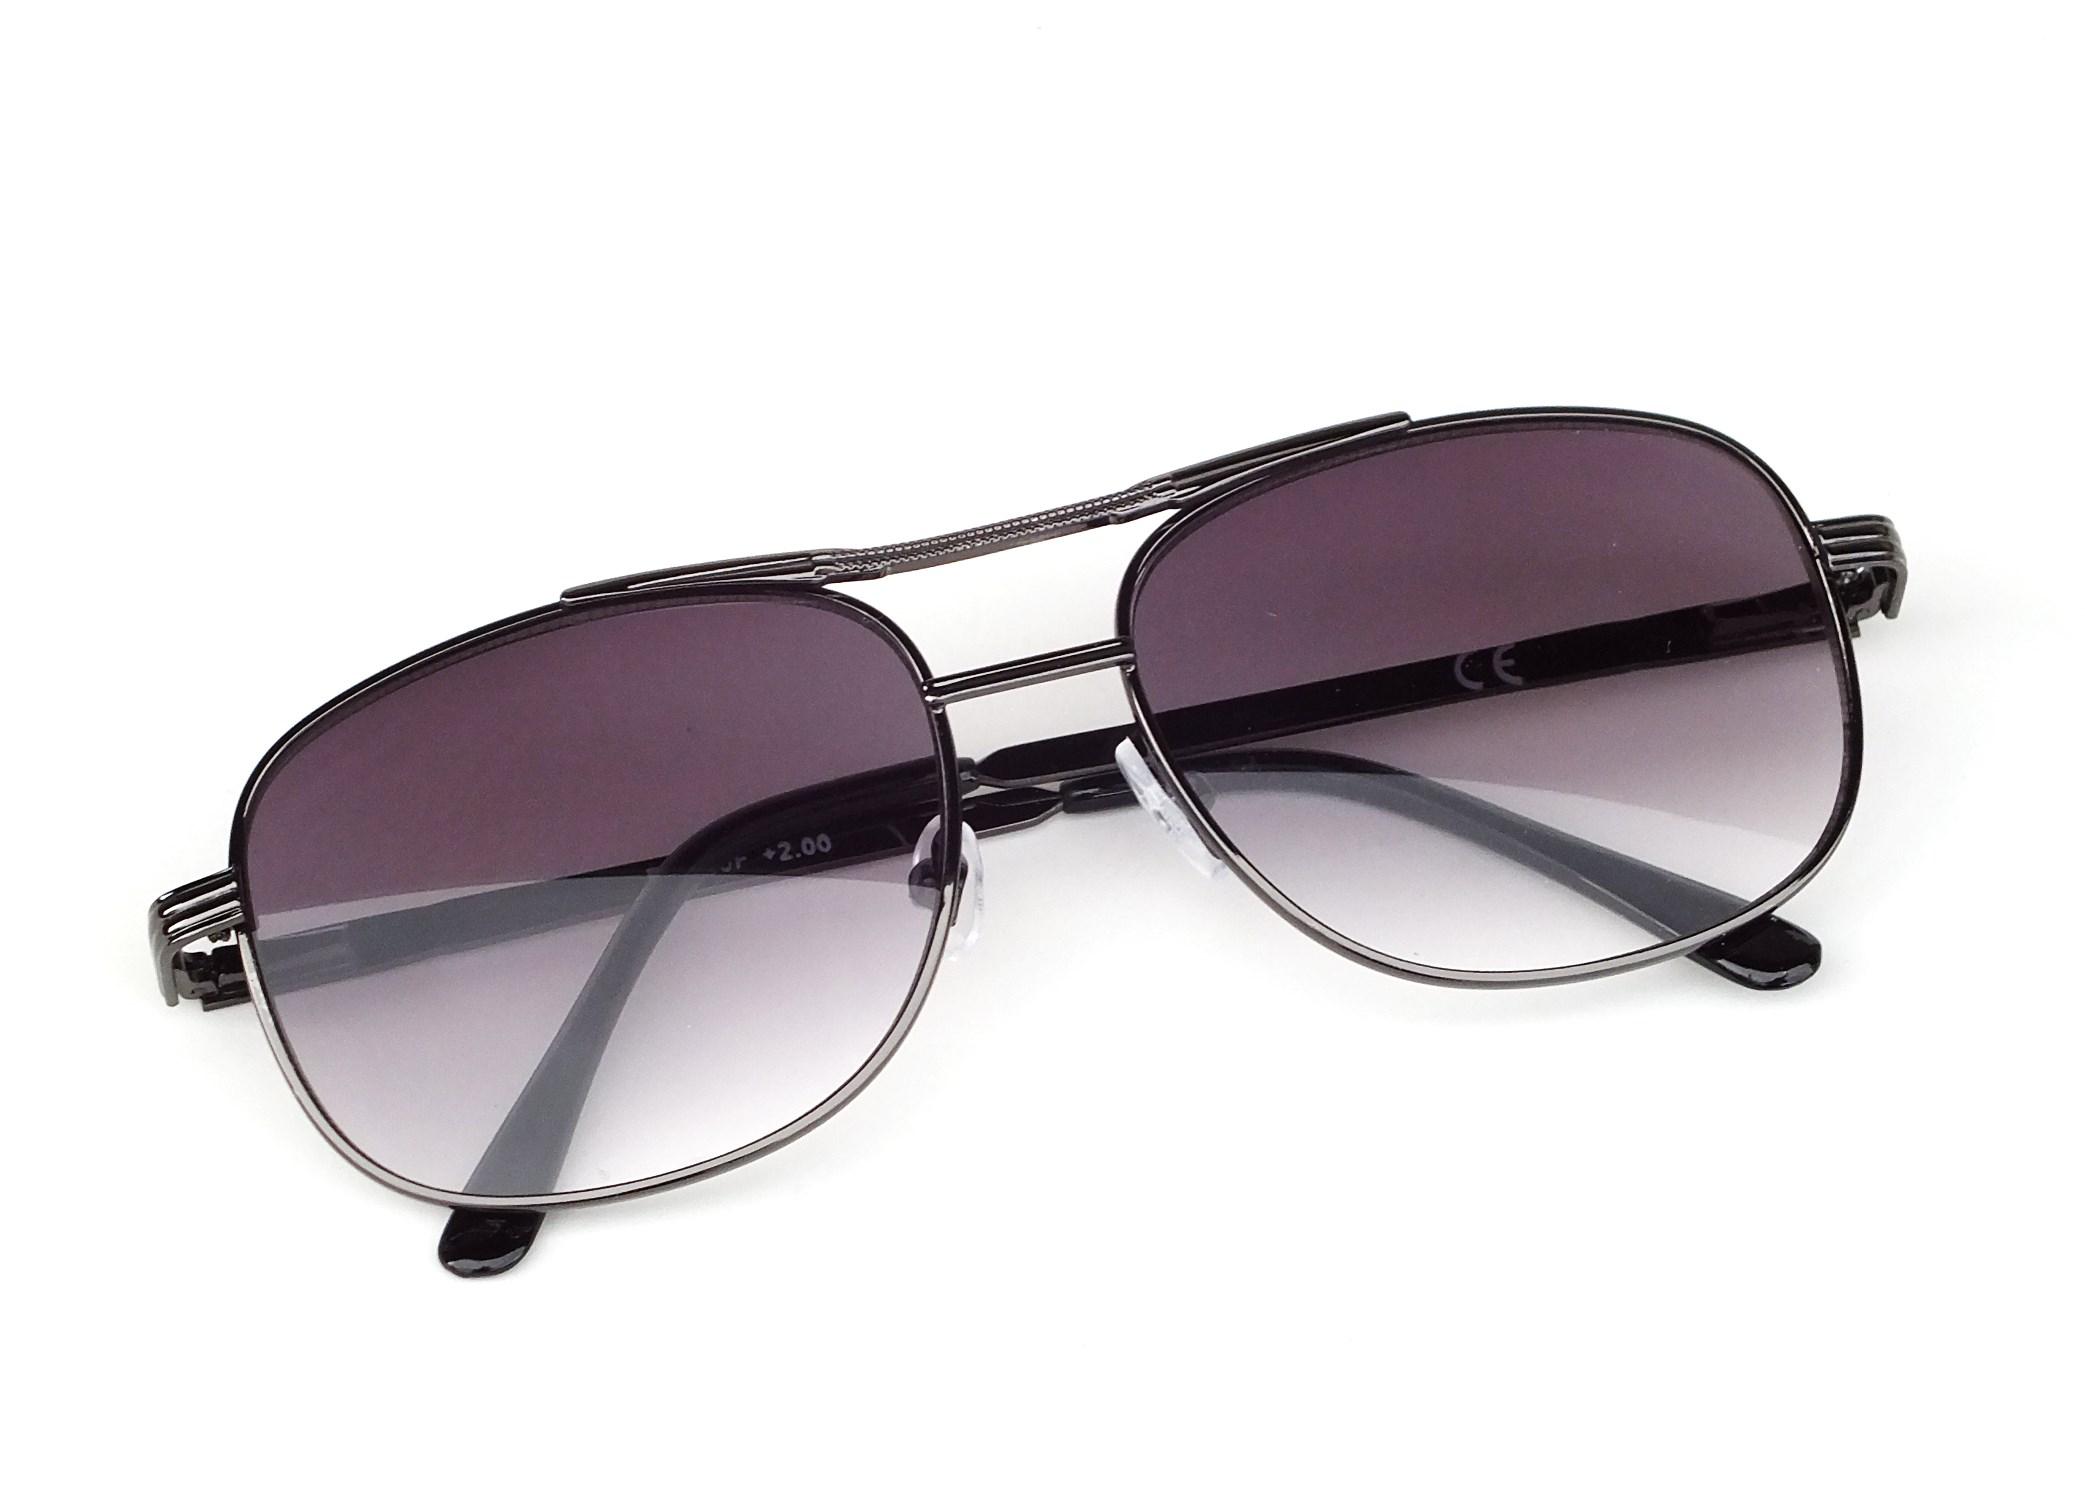 7fd02bde99038 Okulary PRZYCIEMNIANE korekcyjne Minusy 3,50 RG130 - 7210043087 ...